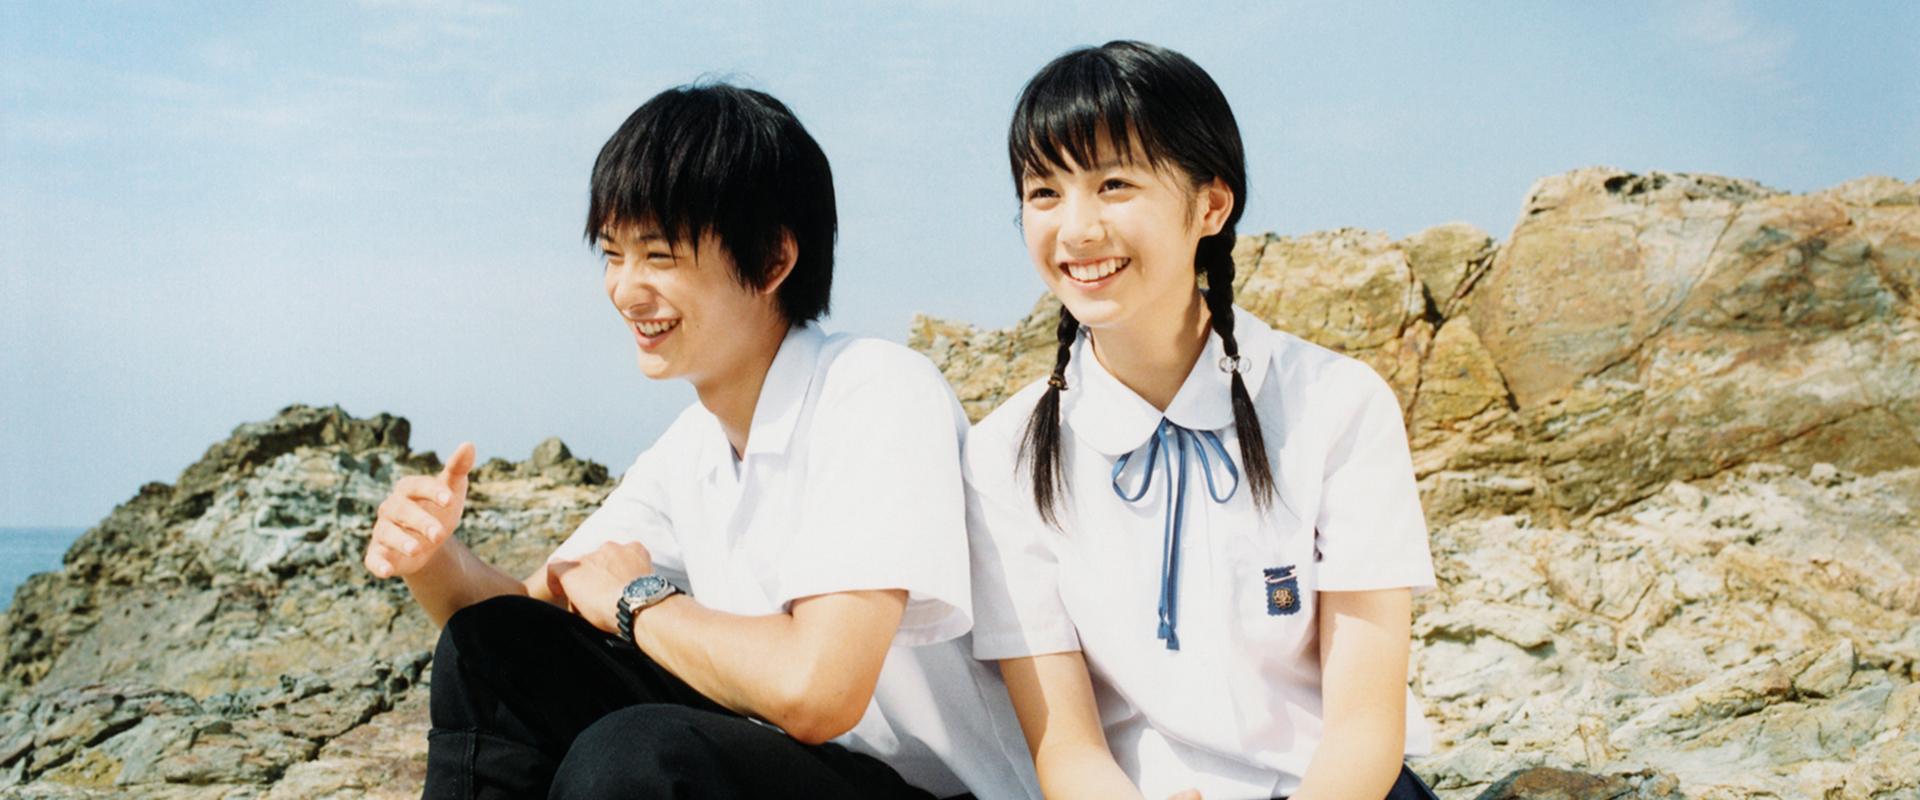 SID0025624 fhds - お花見に行けない方は映画・ドラマで桜を楽しみましょう!